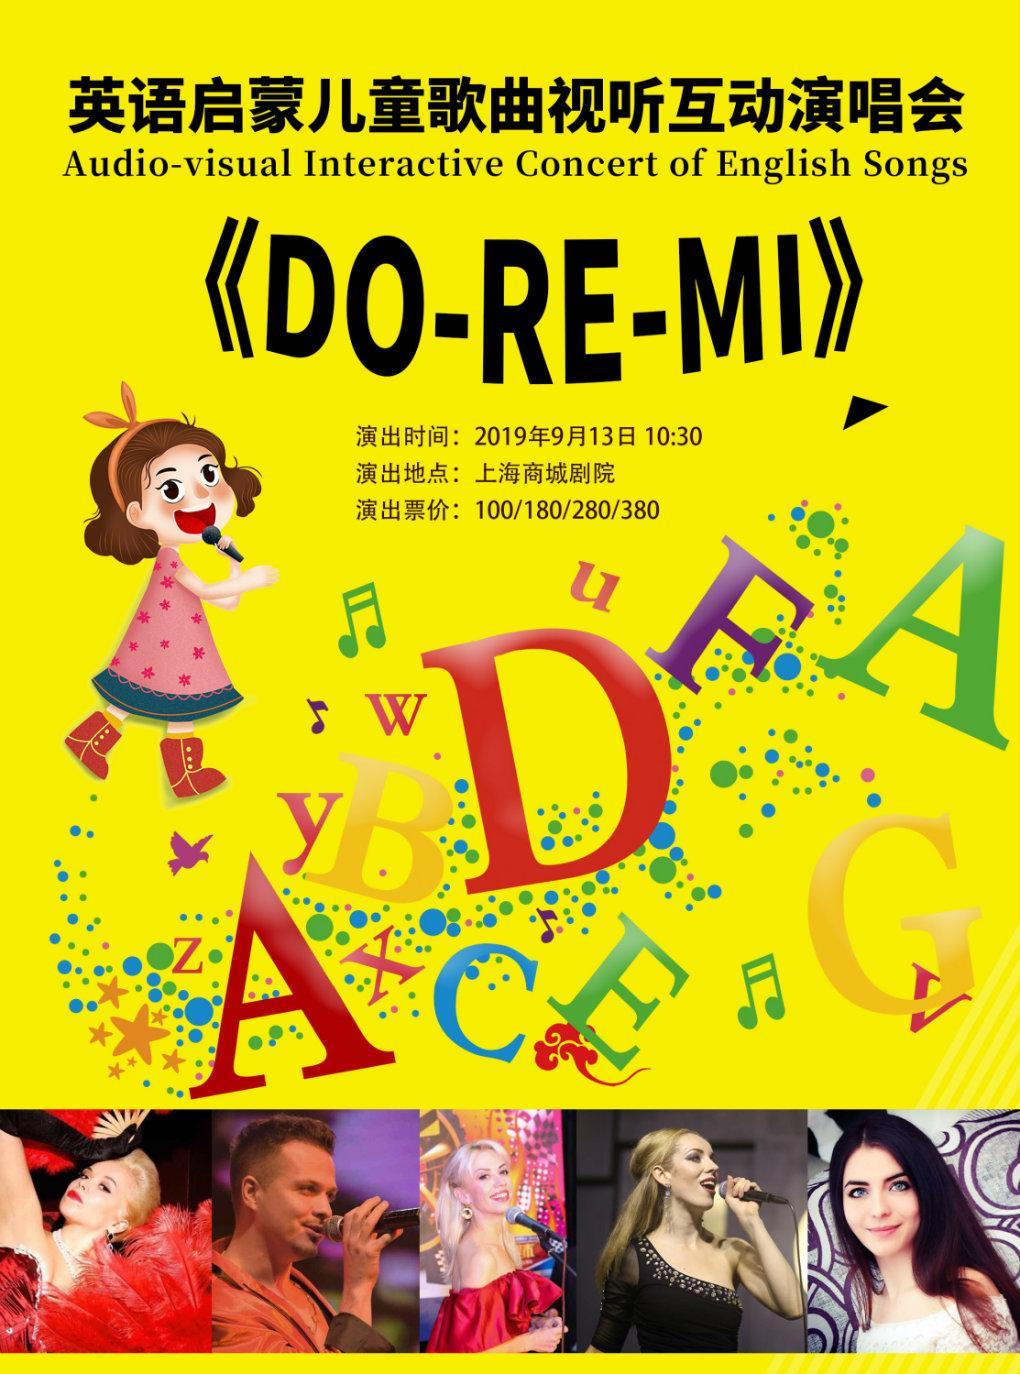 儿童互动演唱会《DO-RE-MI》上海站